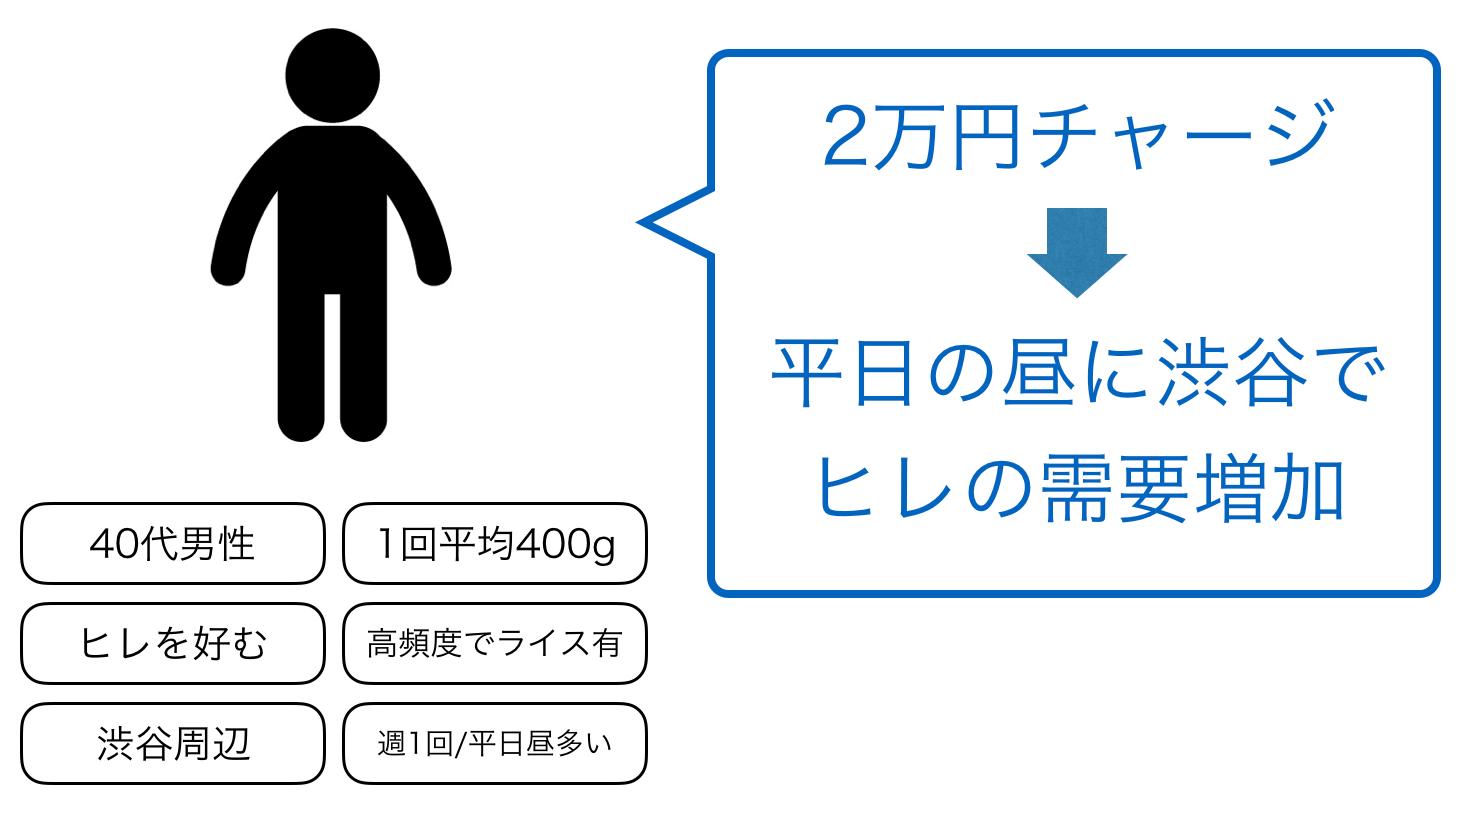 肉マイレージ3